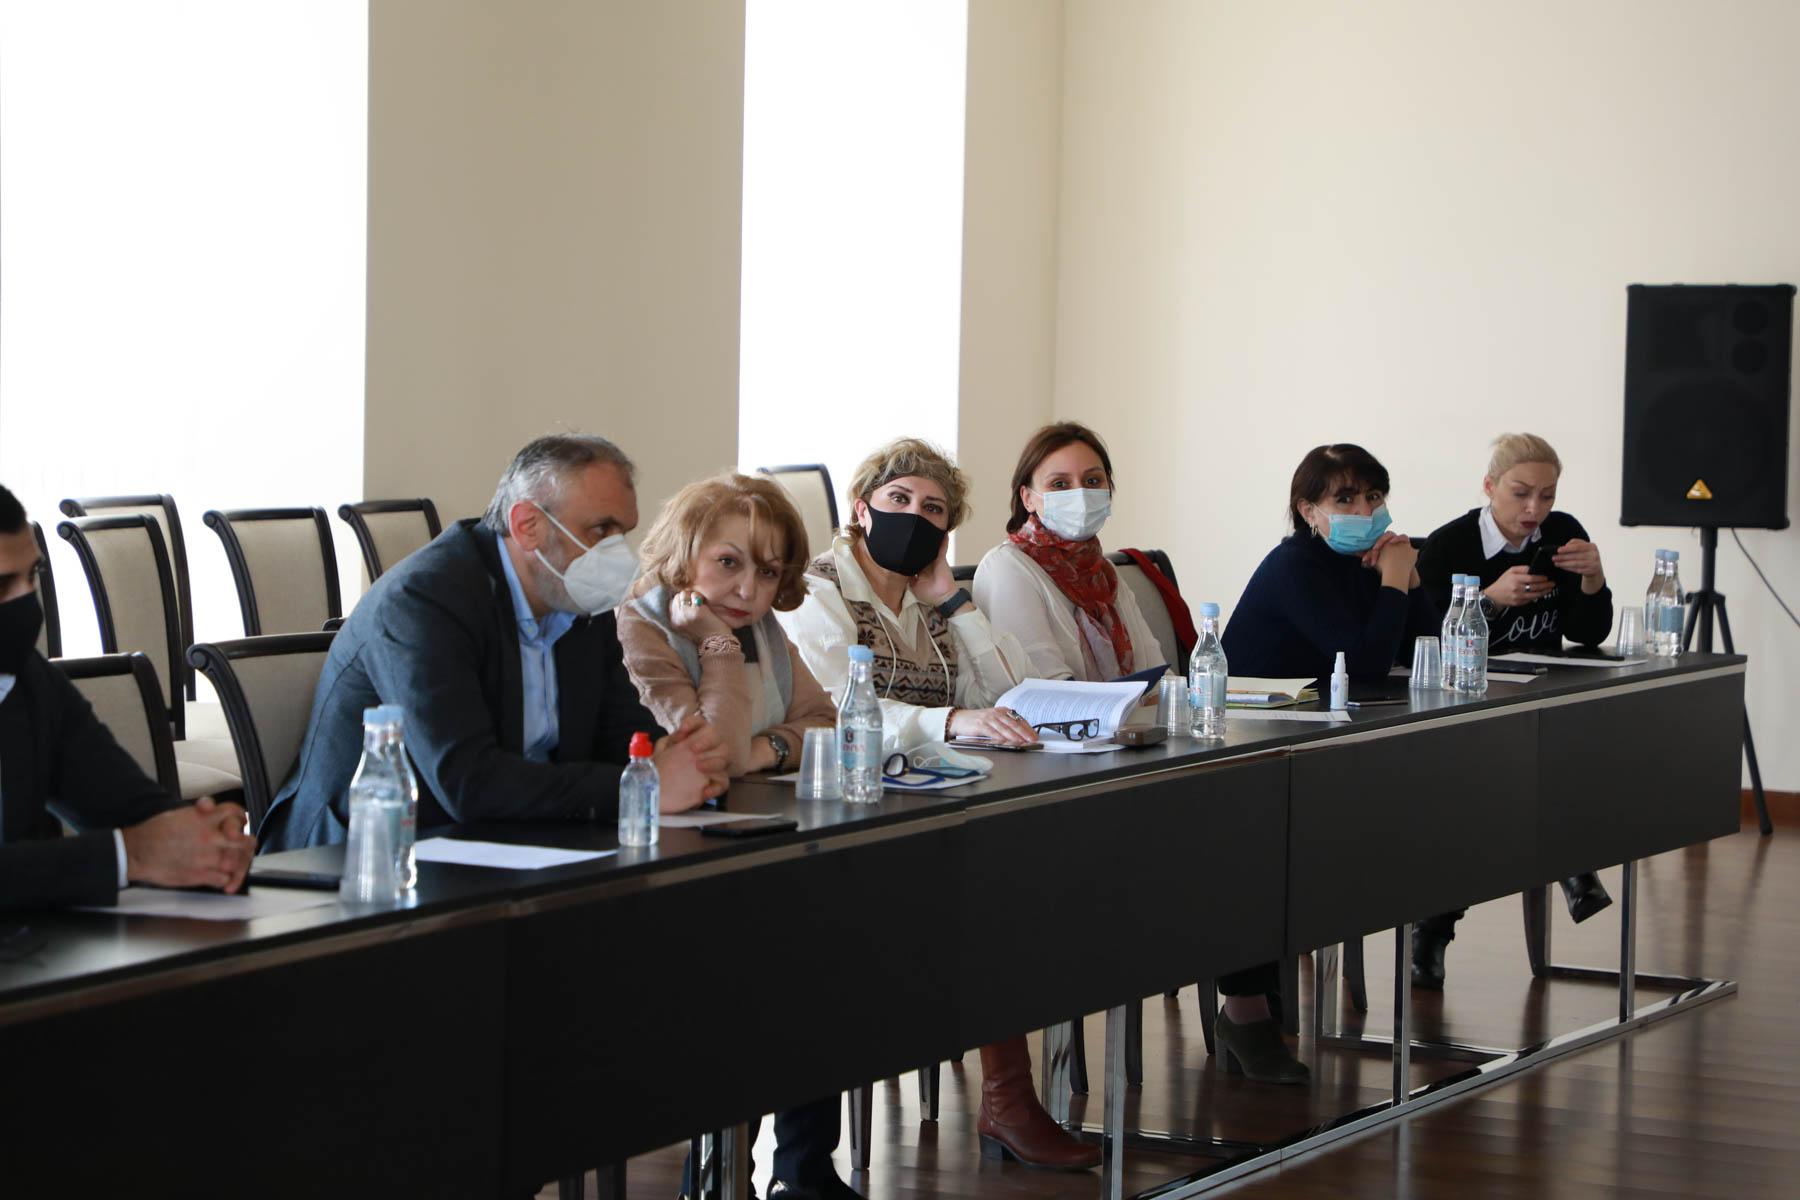 Photo of ԿԳՄՍ նախարարին կից հասարակական խորհրդի նիստում քննարկվել է ուսուցիչների կամավոր ատեստավորման ծրագրի նախագիծը